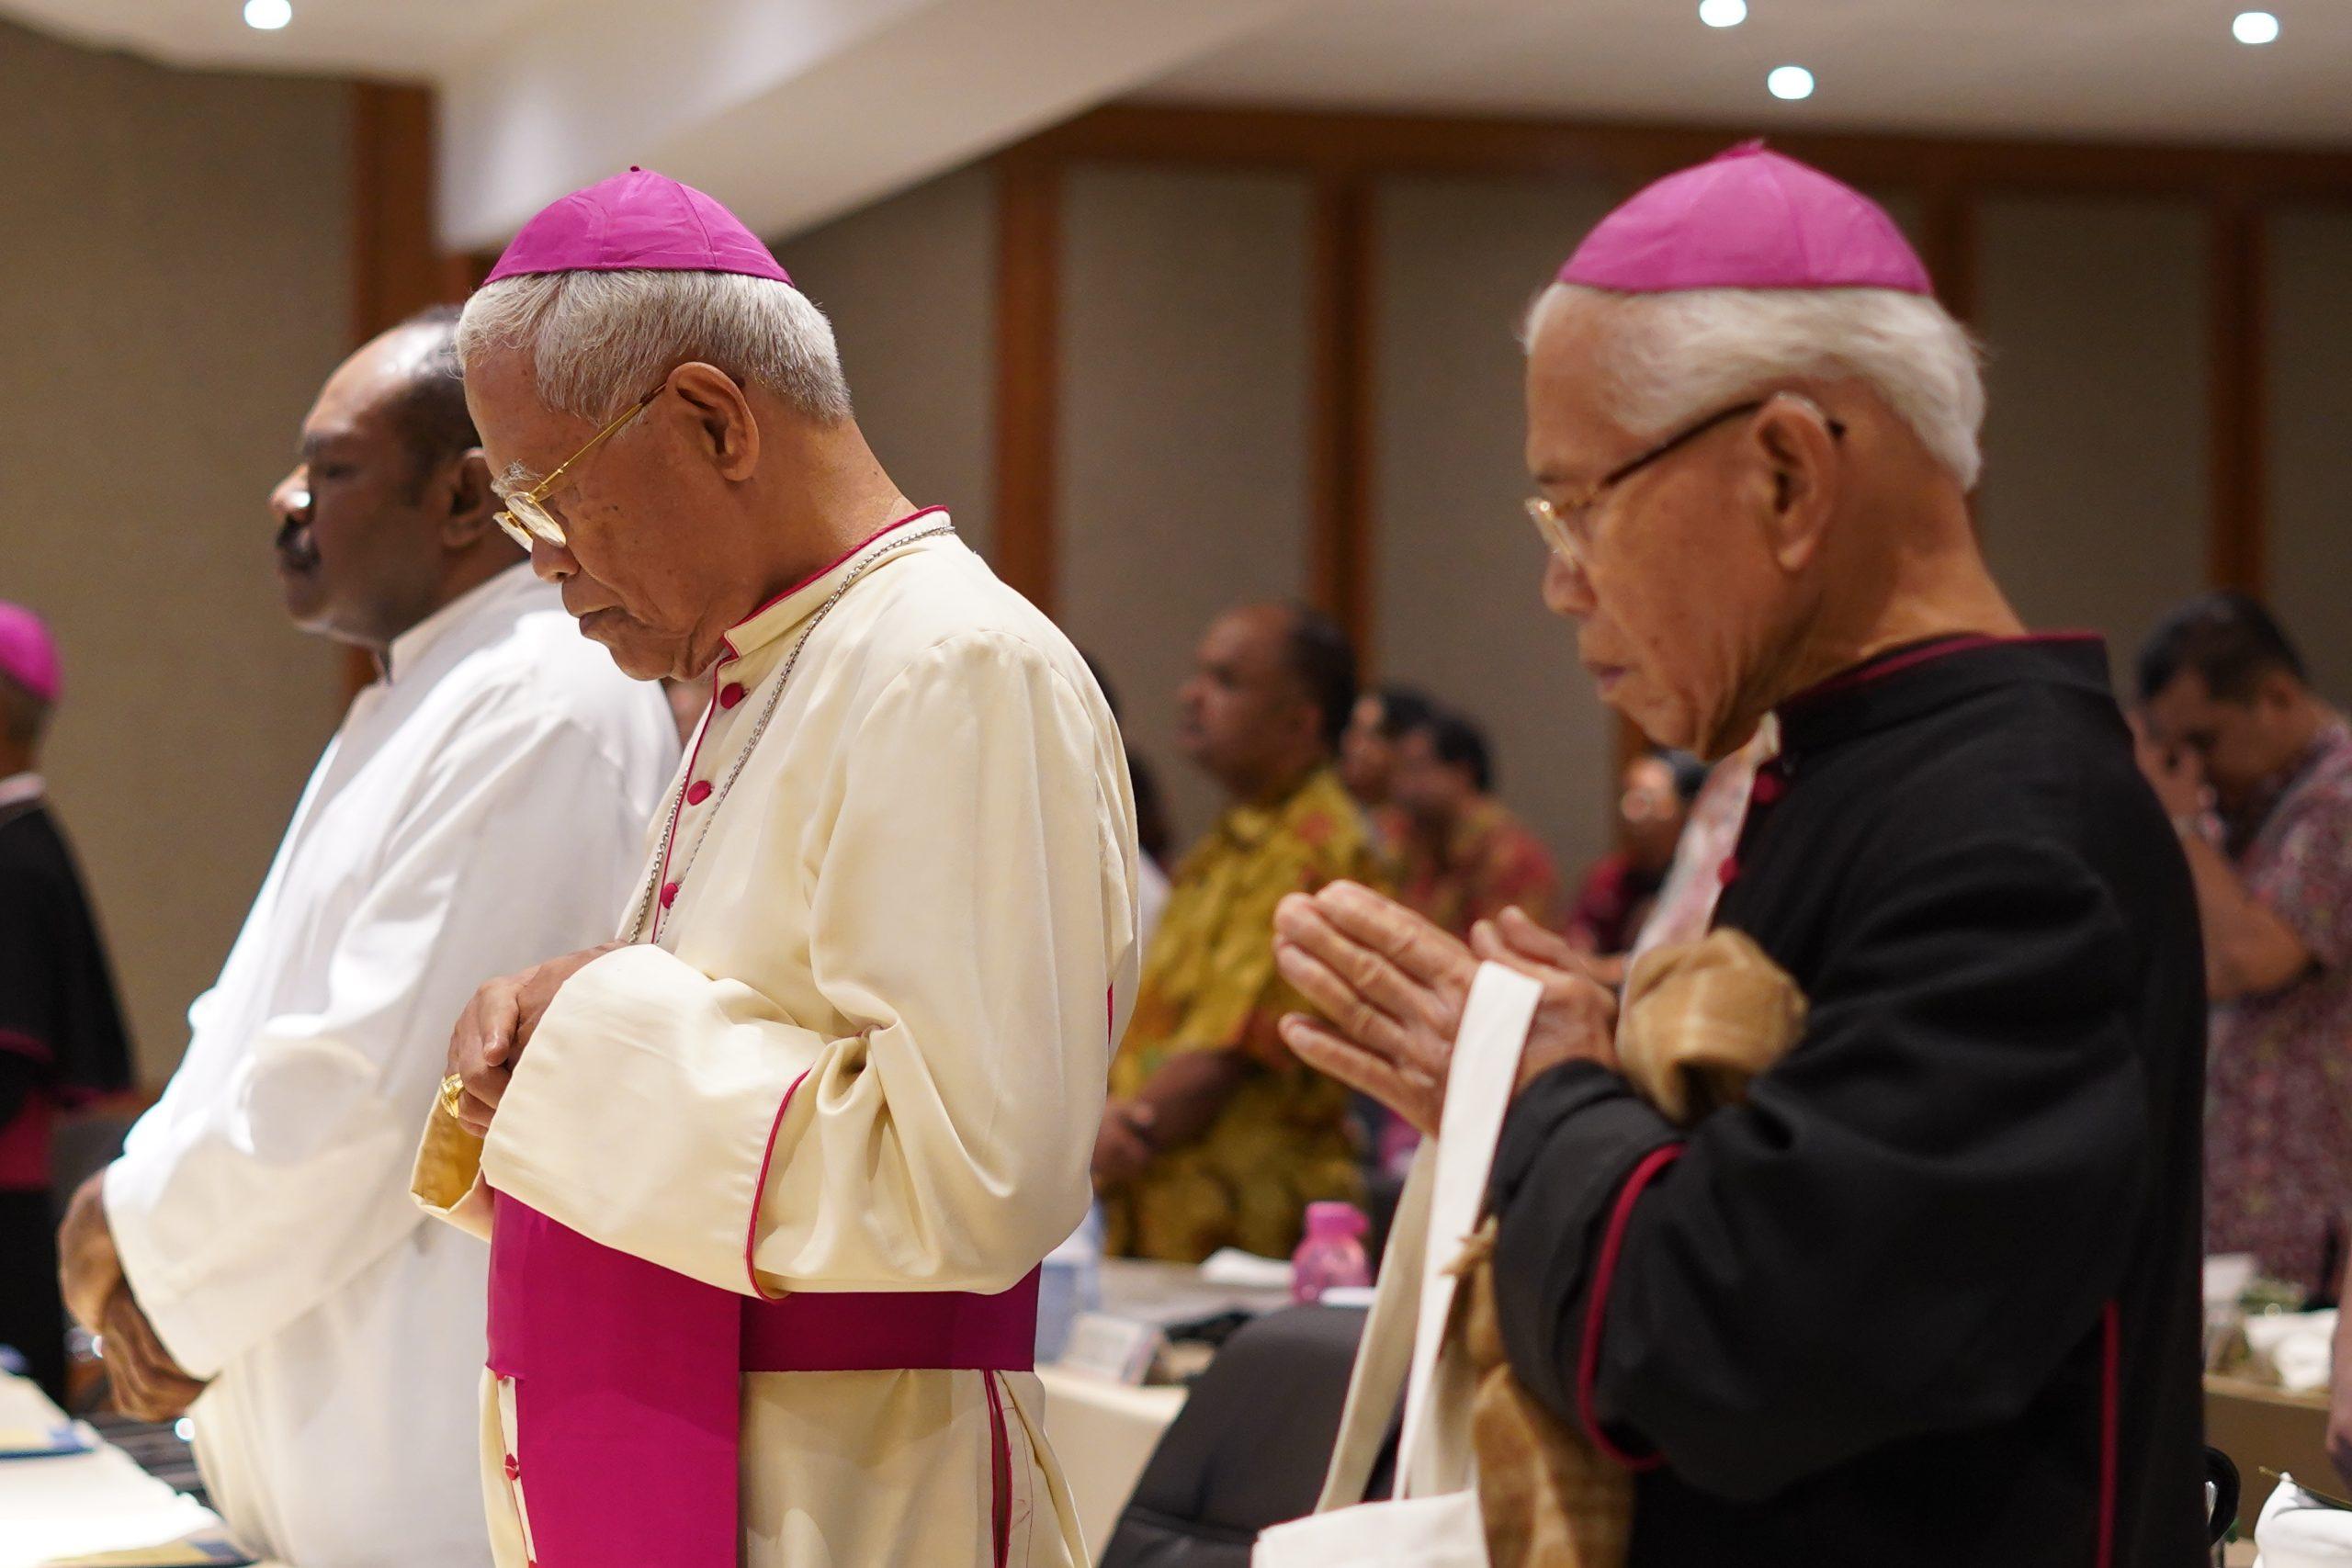 Mgr Anicetus Bongsu Sinaga OFMCap, Administrator Apostolik Keuskupan Sibolga, Keuskupan Sibolga, Komsos KWI, Konferensi Waligereja Indonesia, RIP, Uskup Sibolga